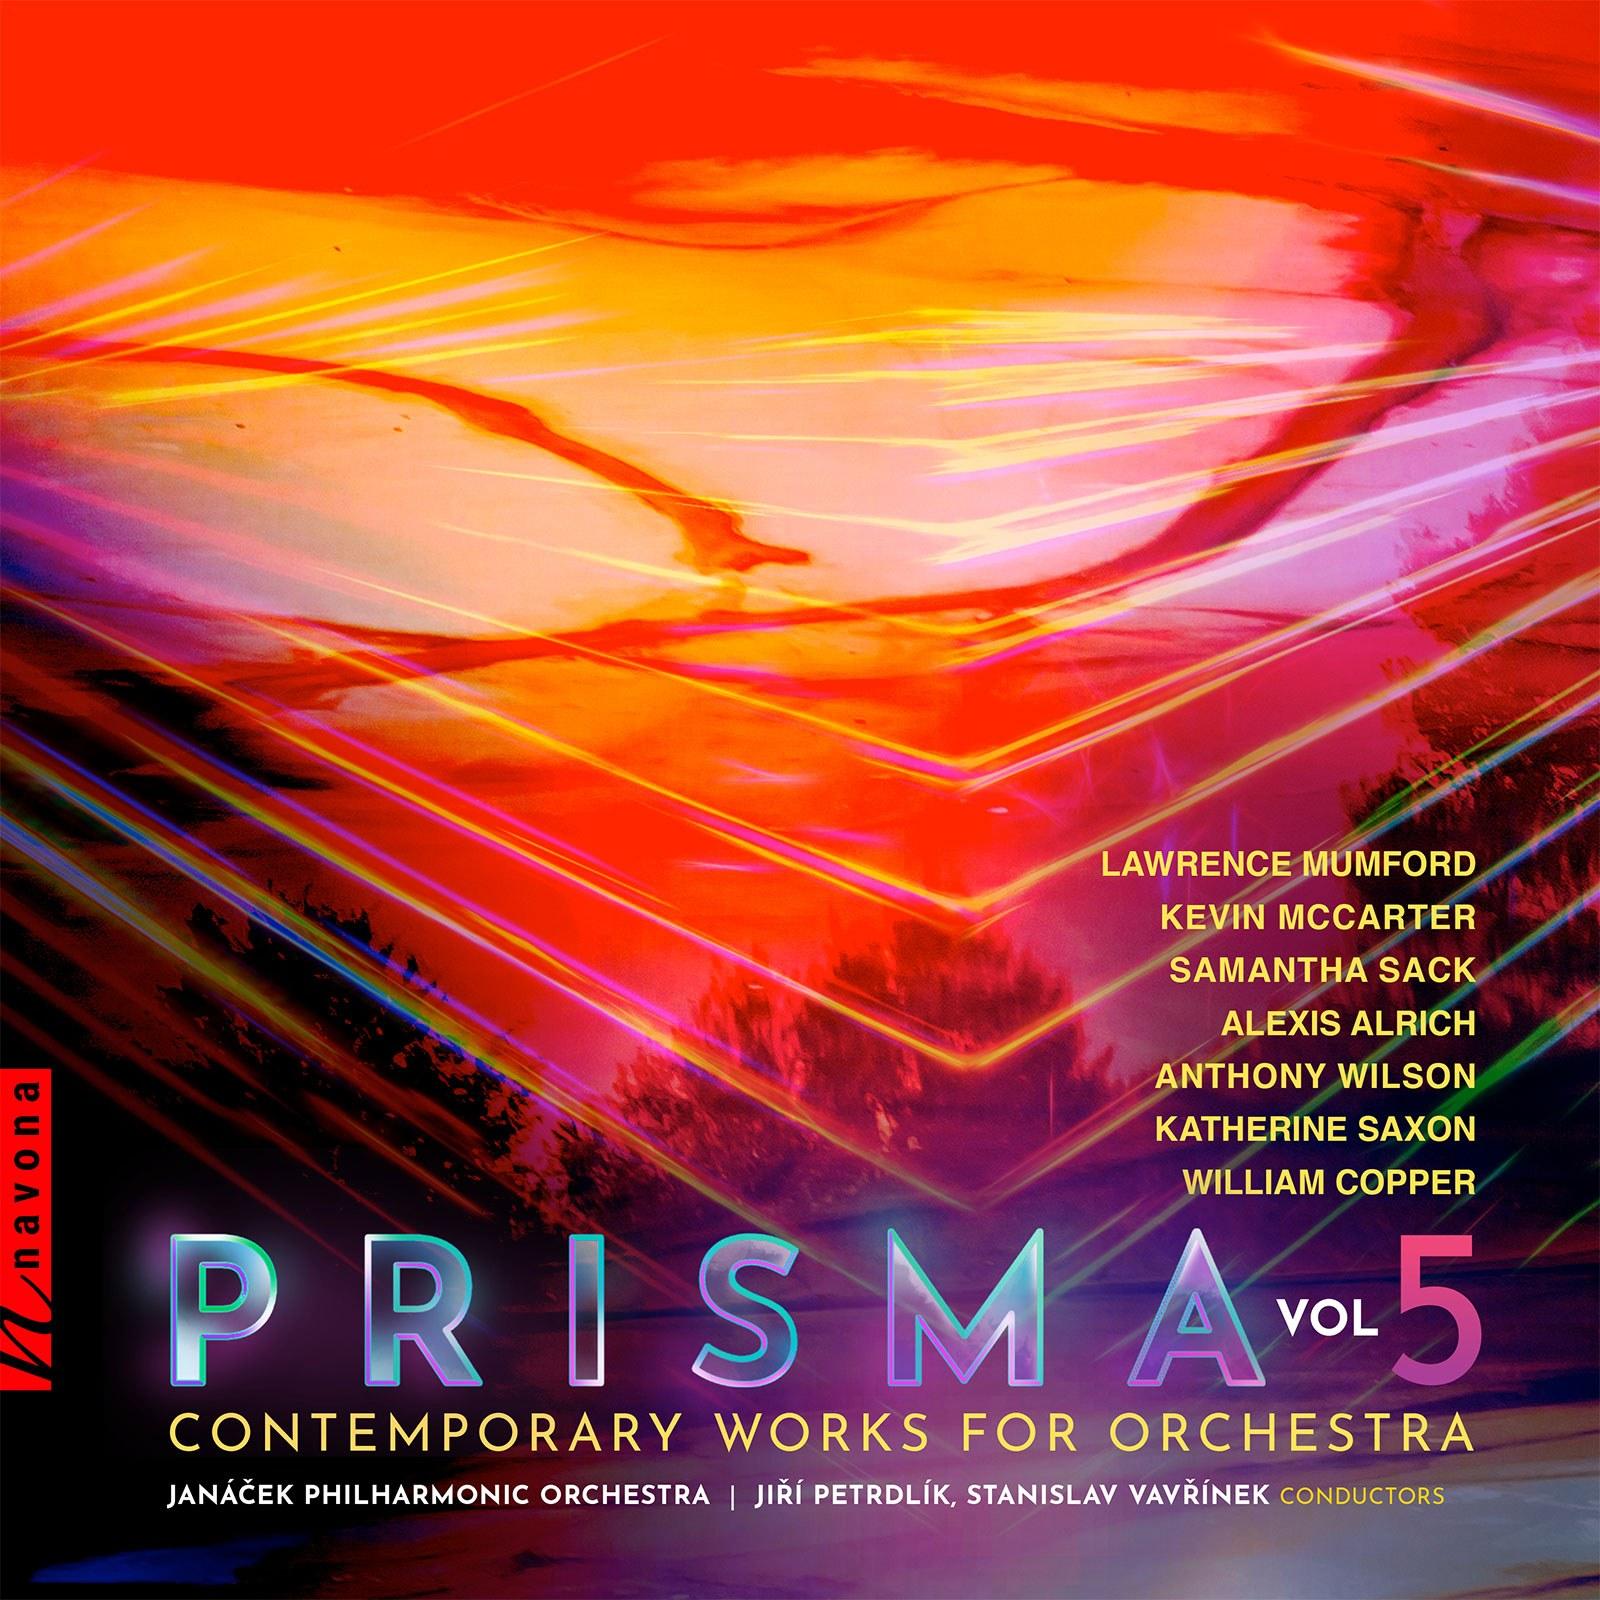 PRISMA VOL 5 - album cover